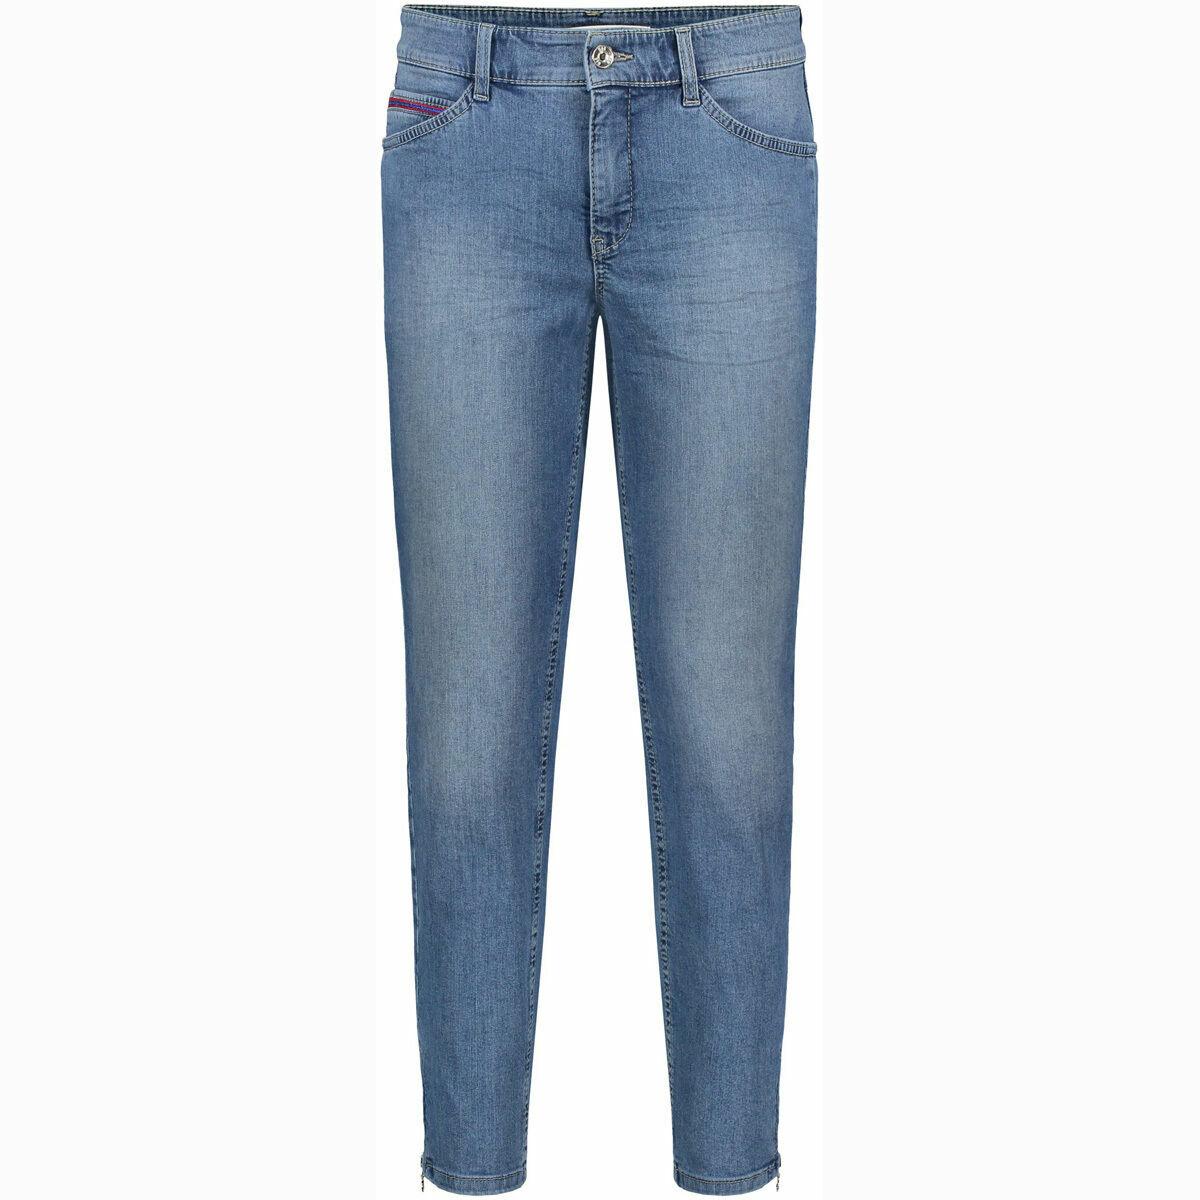 Bild 1 von Mac Damen Jeans, Feminine Fit, verkürzte Form